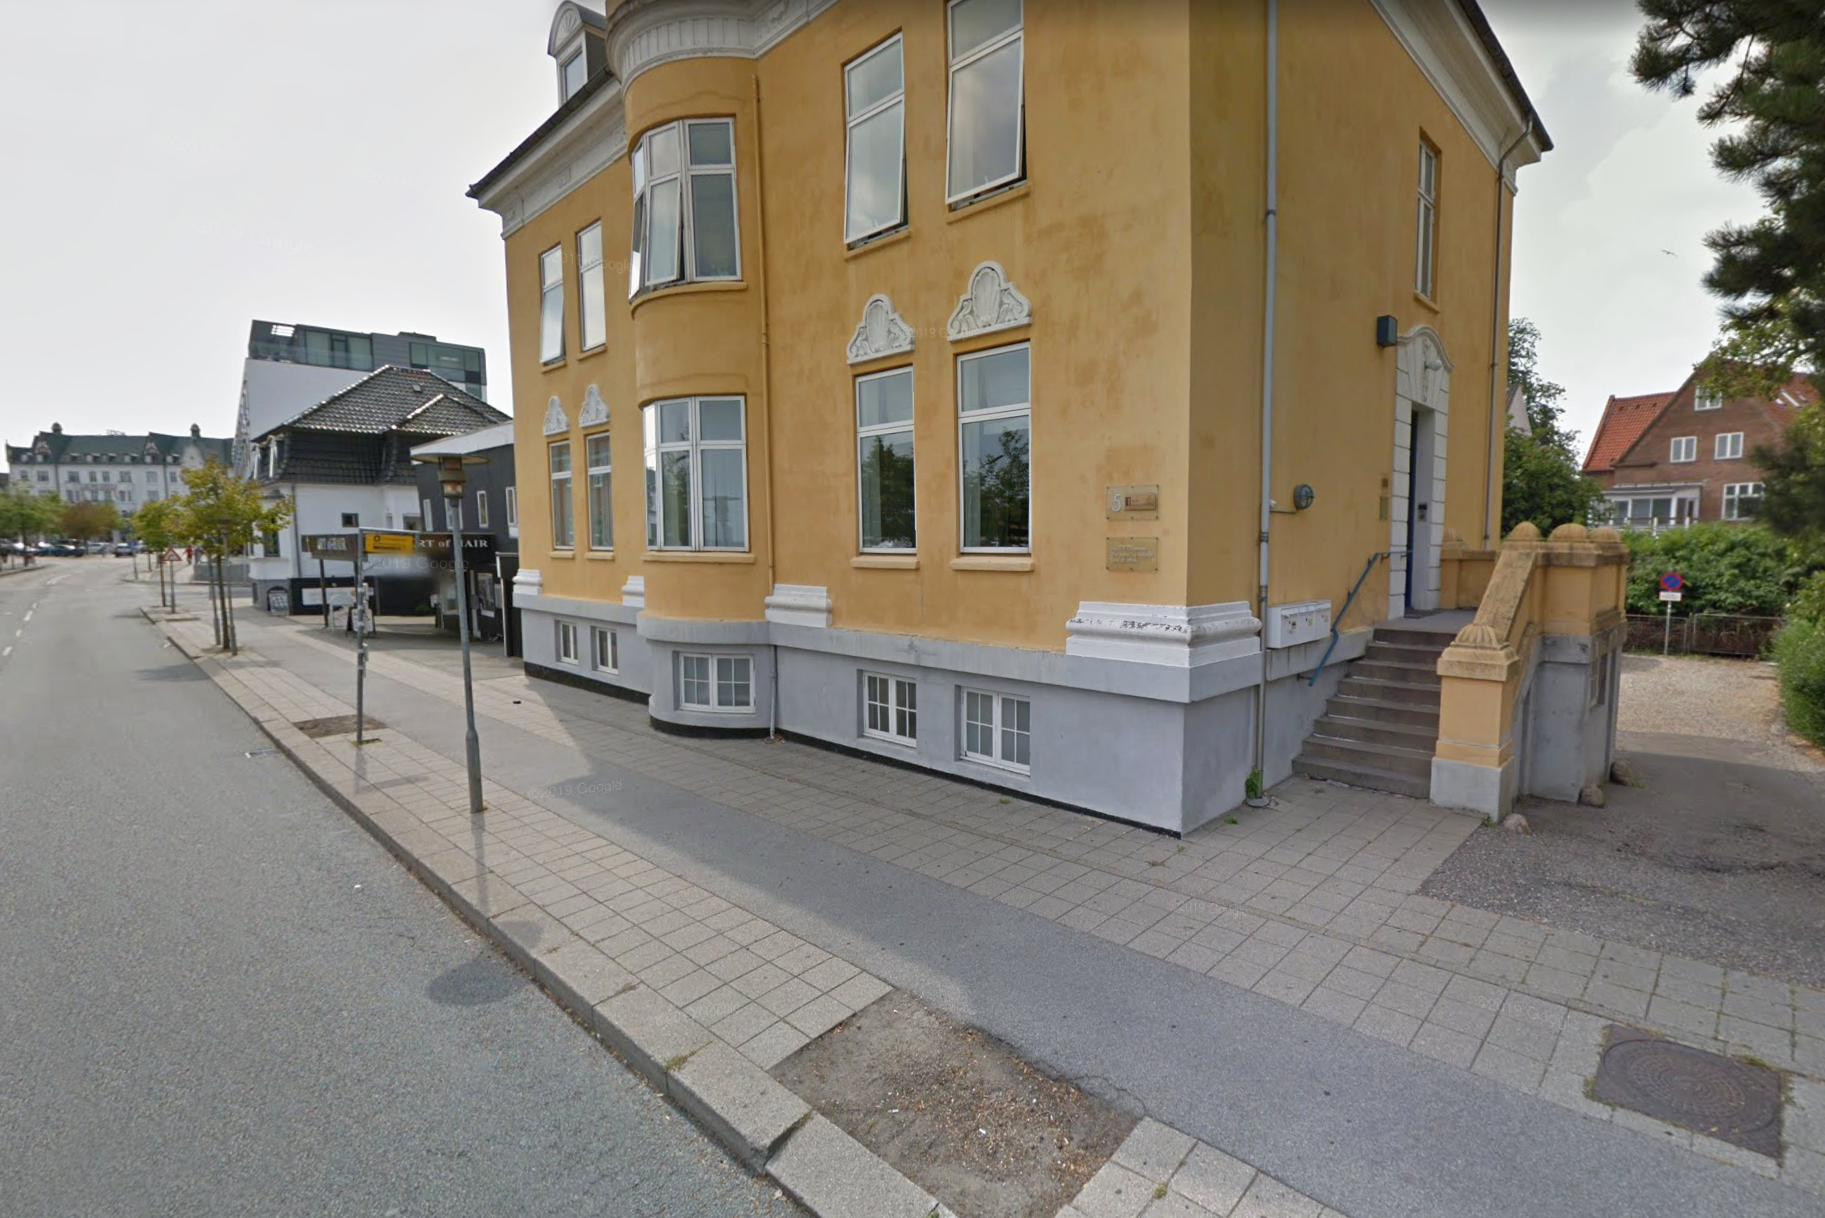 Dansk MisbrugsBehandling i Kolding på Mazantigade 5